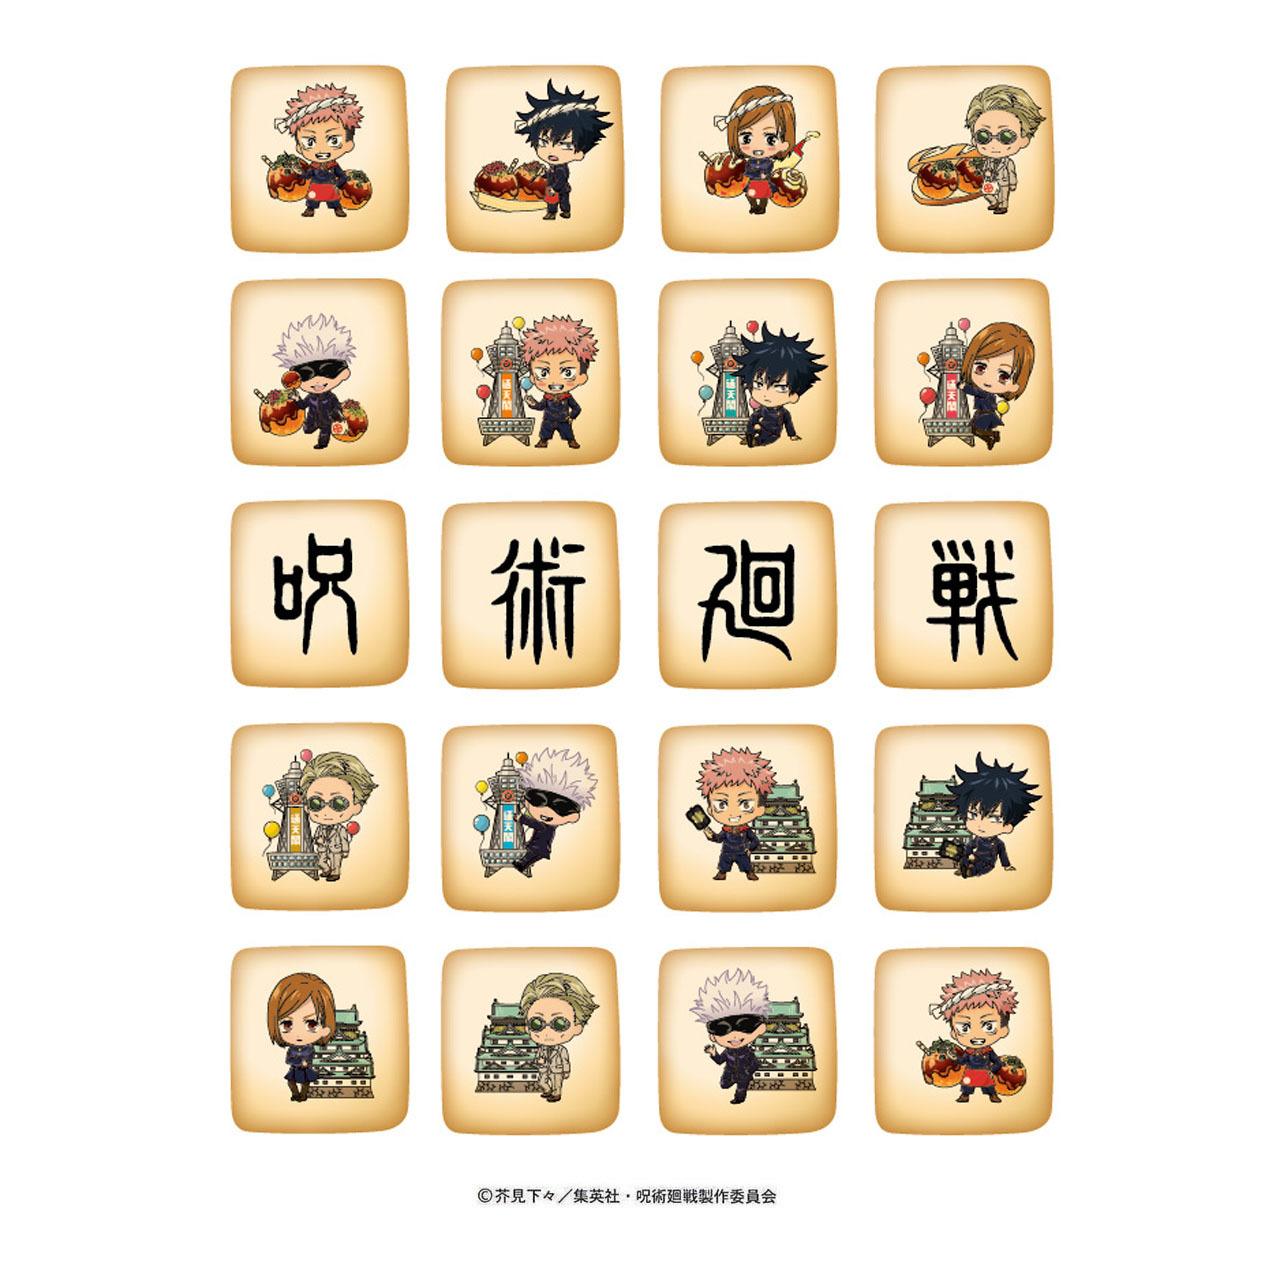 呪術廻戦 大阪限定スクエアクッキー